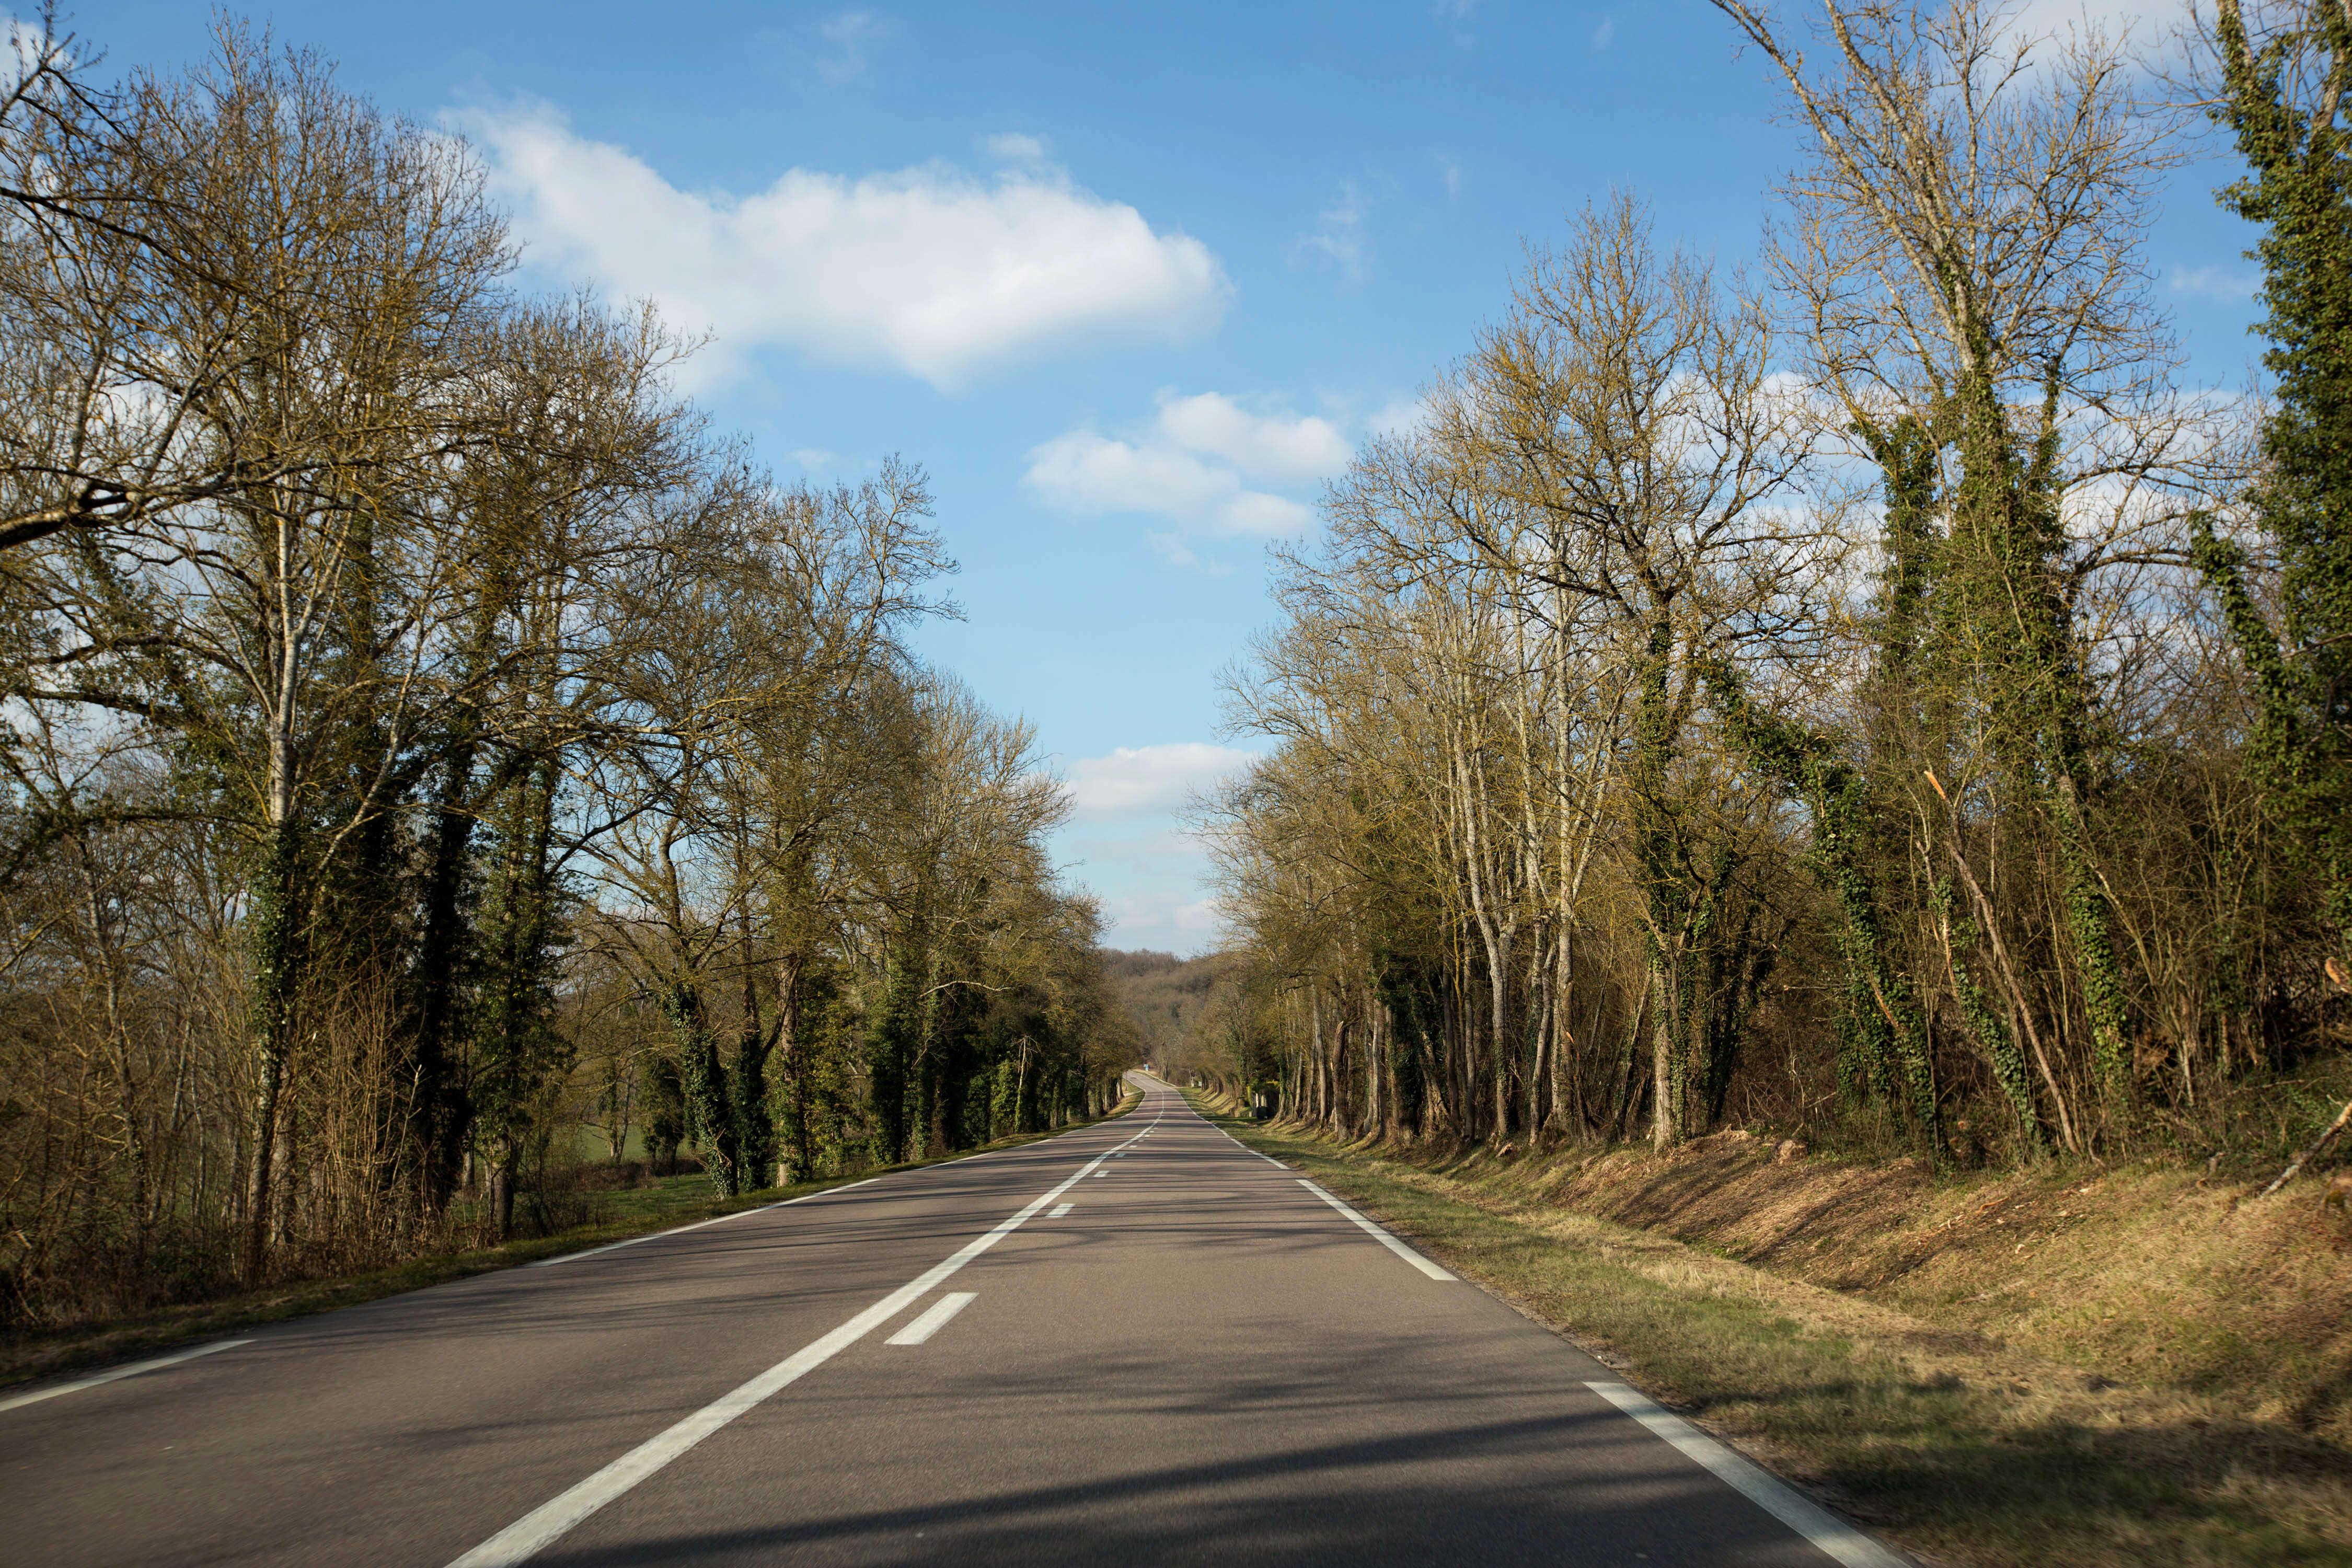 En cas de fermeture des urgences de nuit, c'est la route nationale qui relie Varzy à Auxerre en passant par Clamecy, qui sera empruntée pour mener les patients à l'hôpital, un tronçon qui expérimente la limitation à 80 km/h.